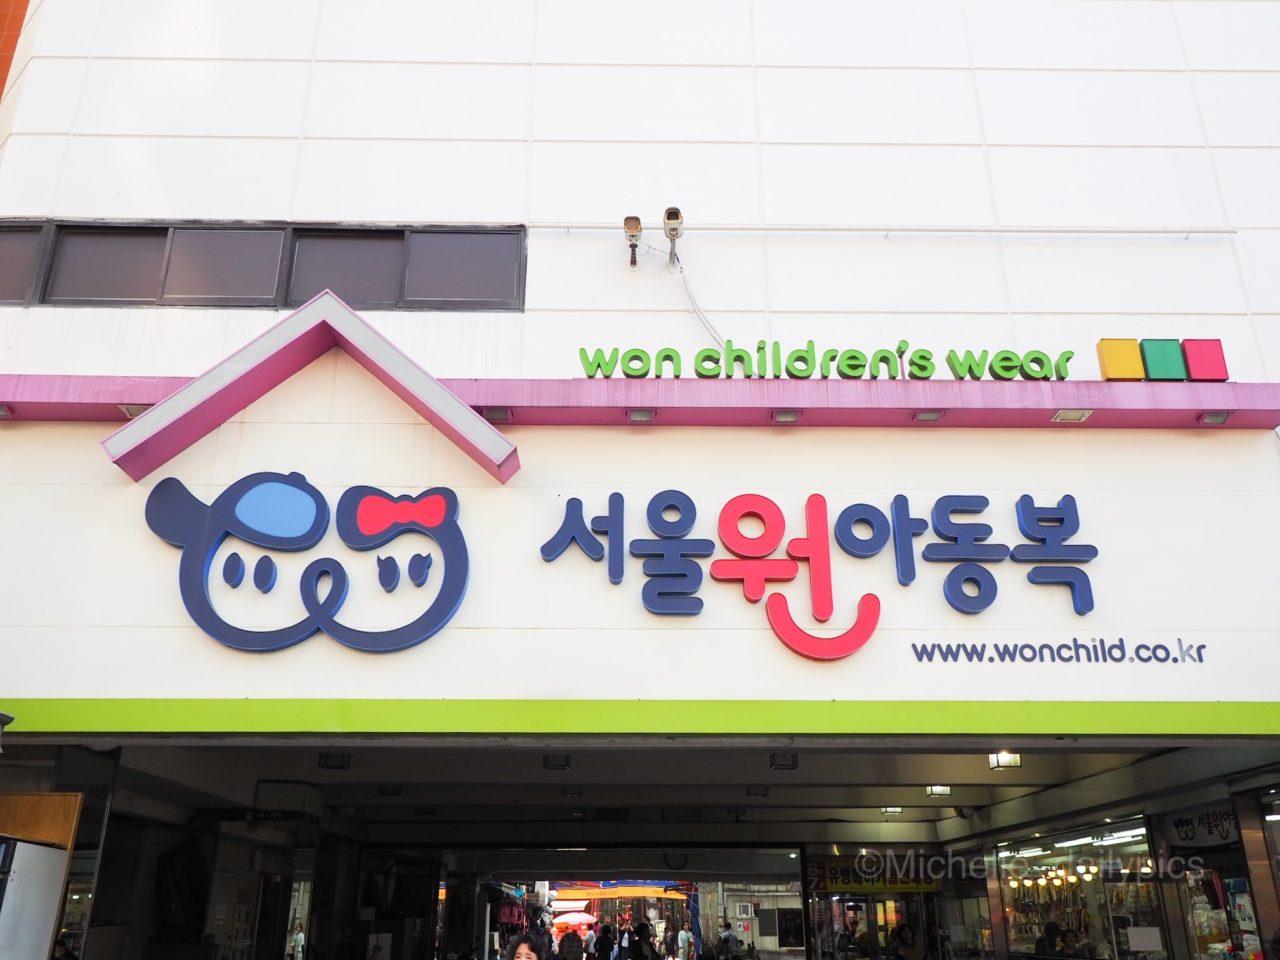 img 4383 - 韓国の子供服がかわいい!ソウルで行くべきおすすめショップ